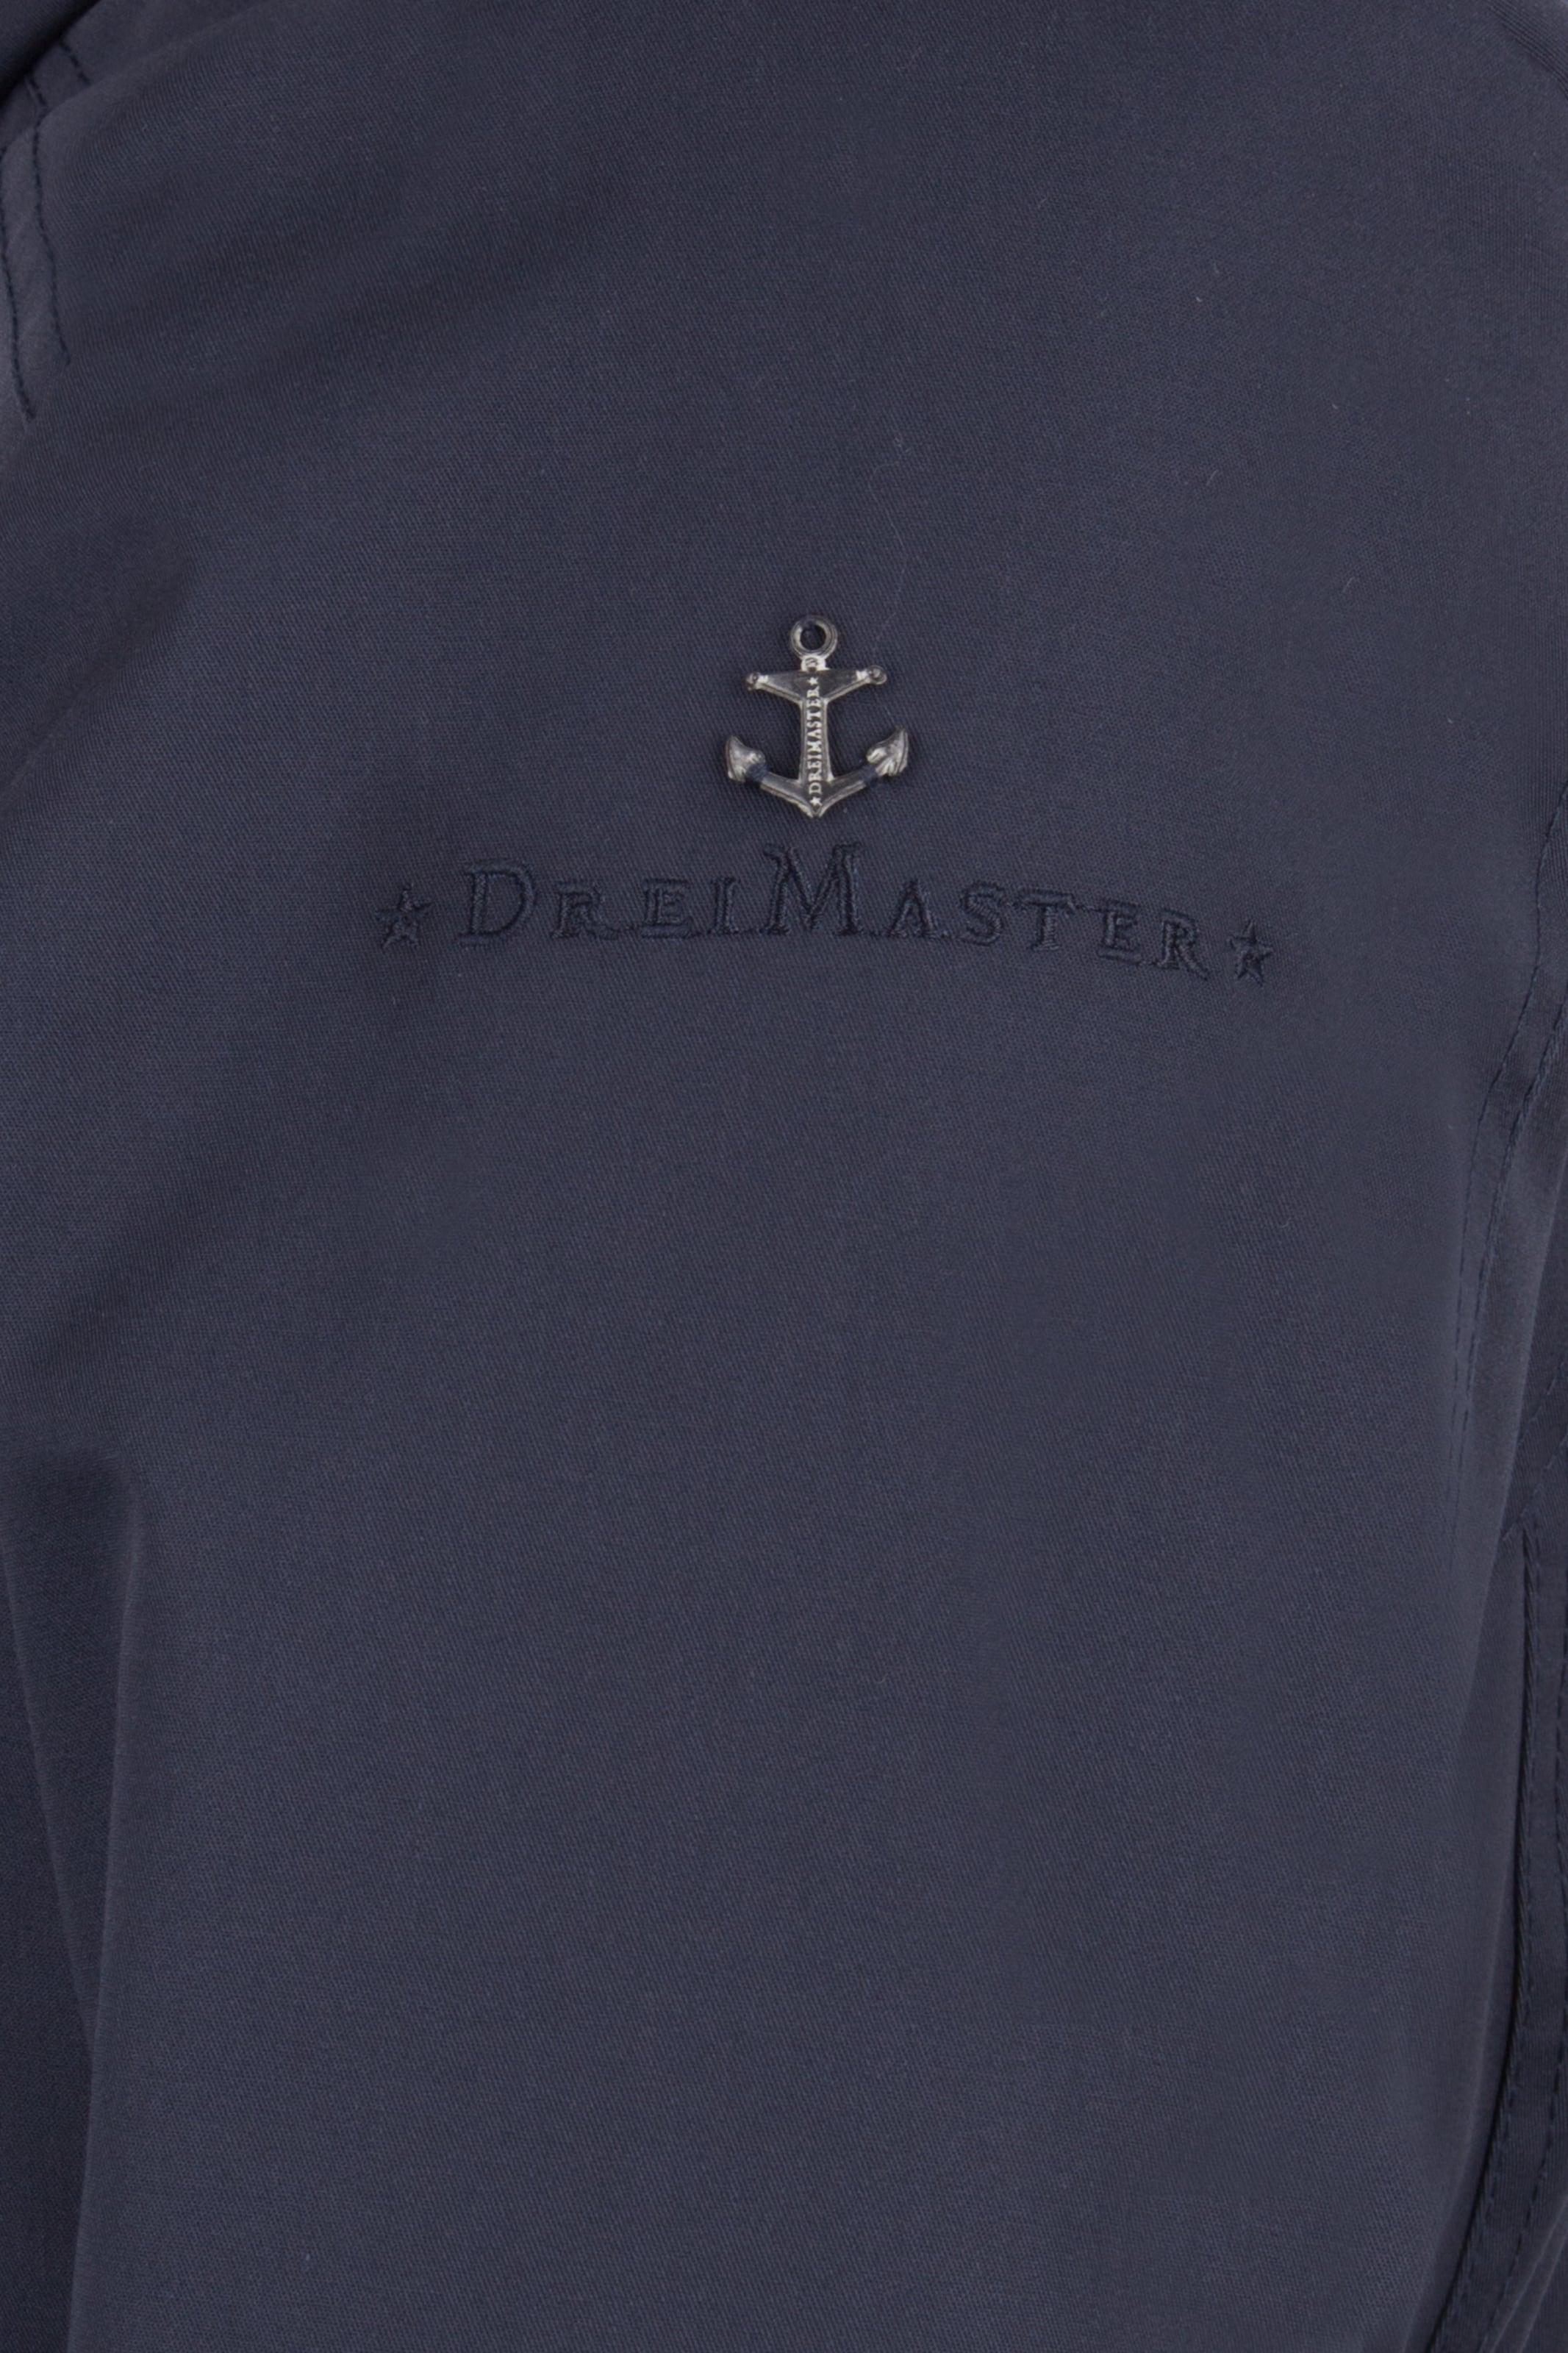 Fonctionnelle En Dreimaster Fonctionnelle Dreimaster Veste Veste En Veste Marine Dreimaster Marine kXuOZiTwP